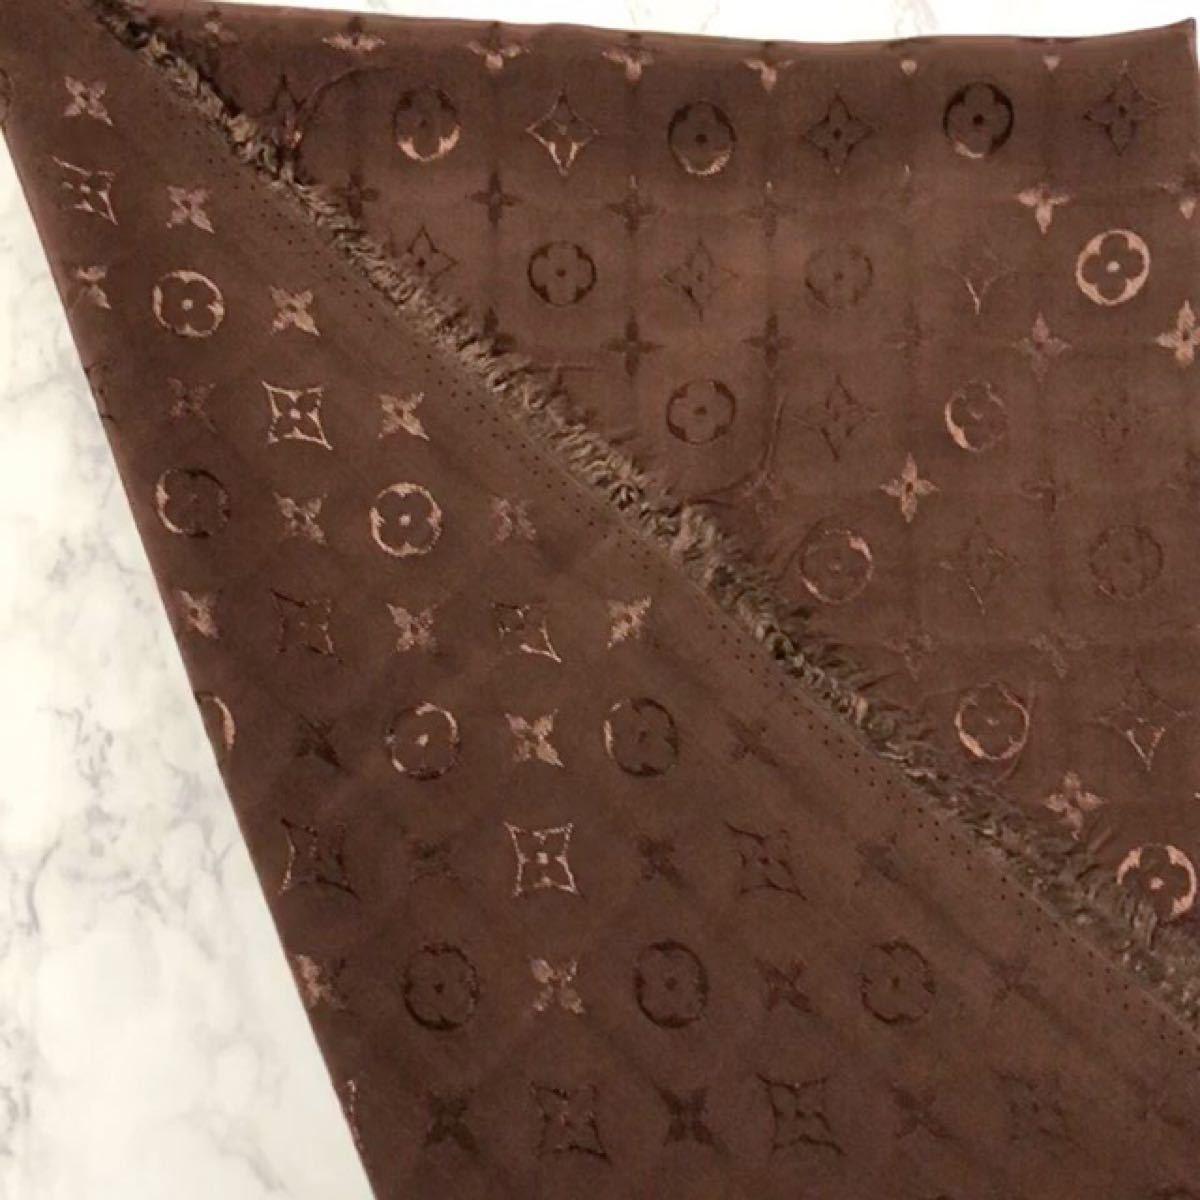 生地 布地 モノグラム 柄 ブラウン 約150×100 cm ノーブランド ハギレ はぎれ